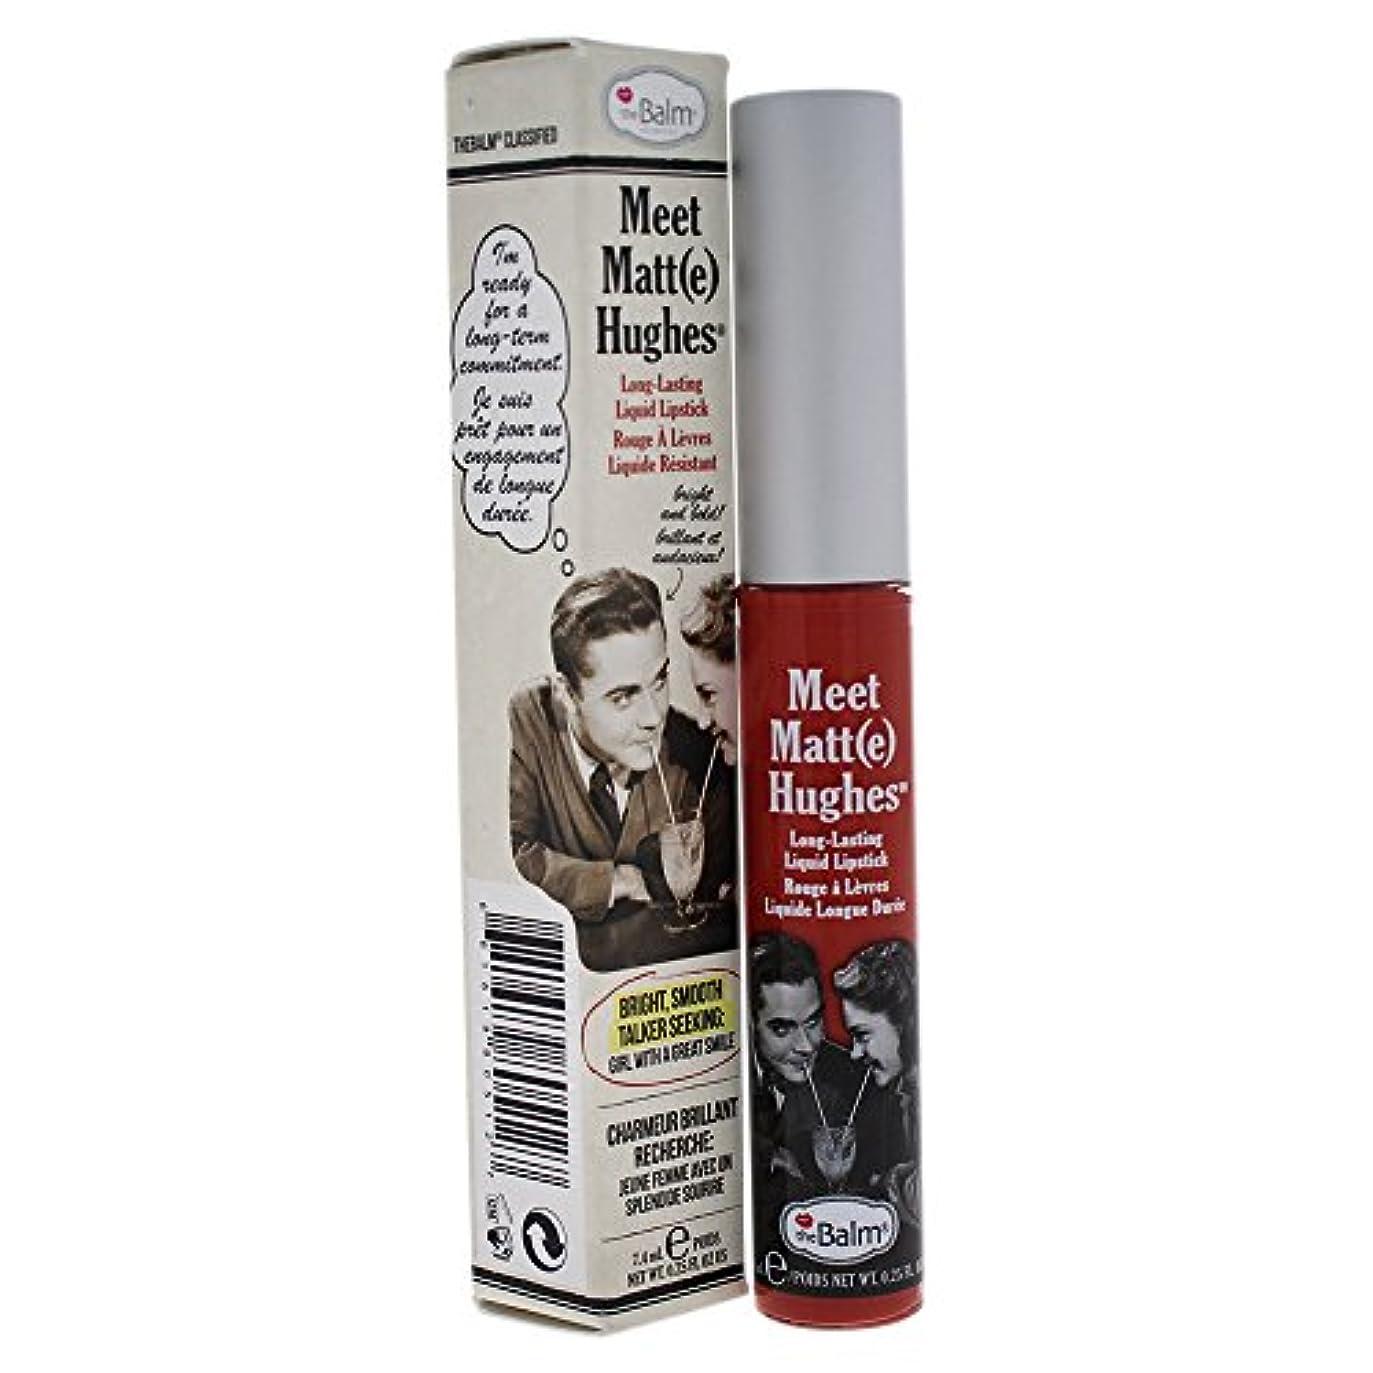 前投薬映画プレゼンターザバーム Meet Matte Hughes Long Lasting Liquid Lipstick - Honest 7.4ml/0.25oz並行輸入品